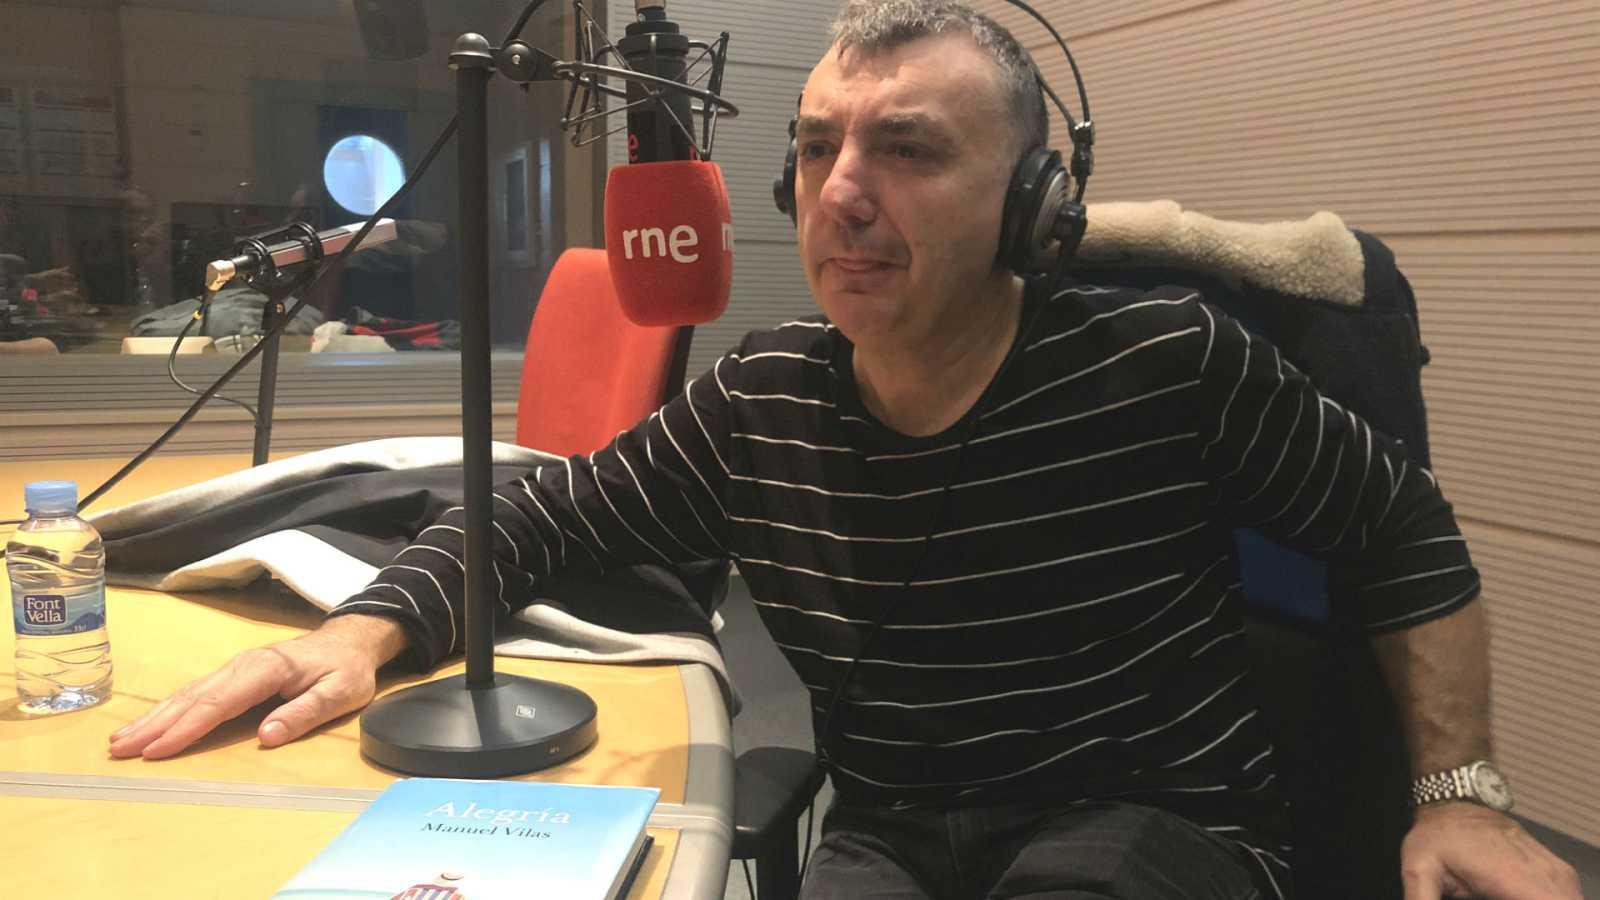 Diálogo y espejo - Manuel Vilas: 'La culpa, como el delito, también prescribe' - 07/03/20 - escuchar ahora